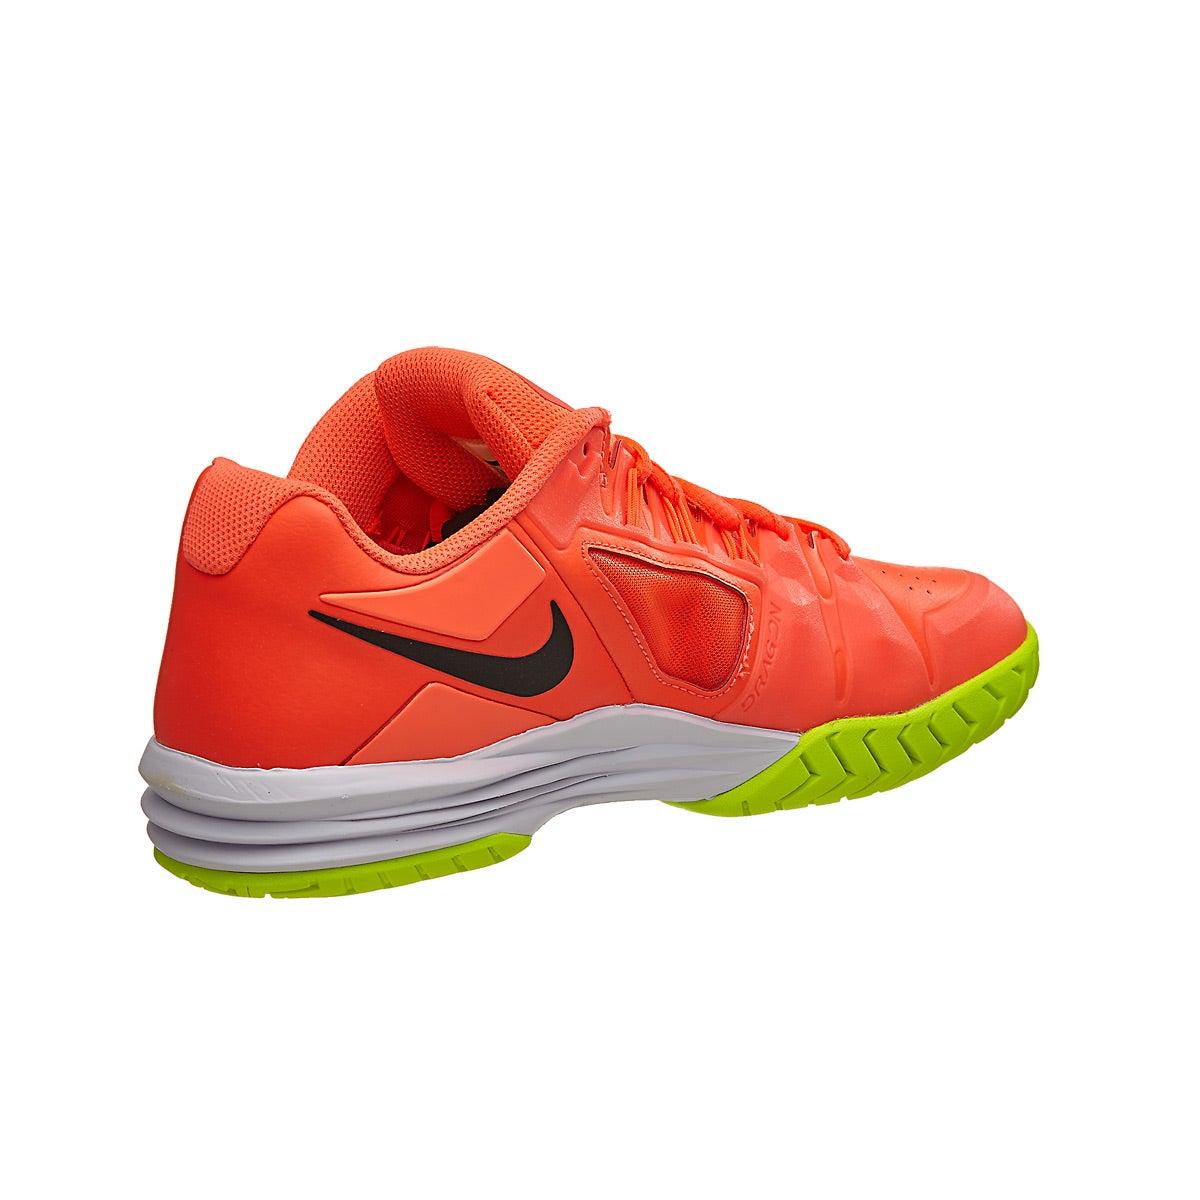 5 1 Nike Lunar Ballistec Men's 360° Orbkvolt Shoe View htdQrsCxB